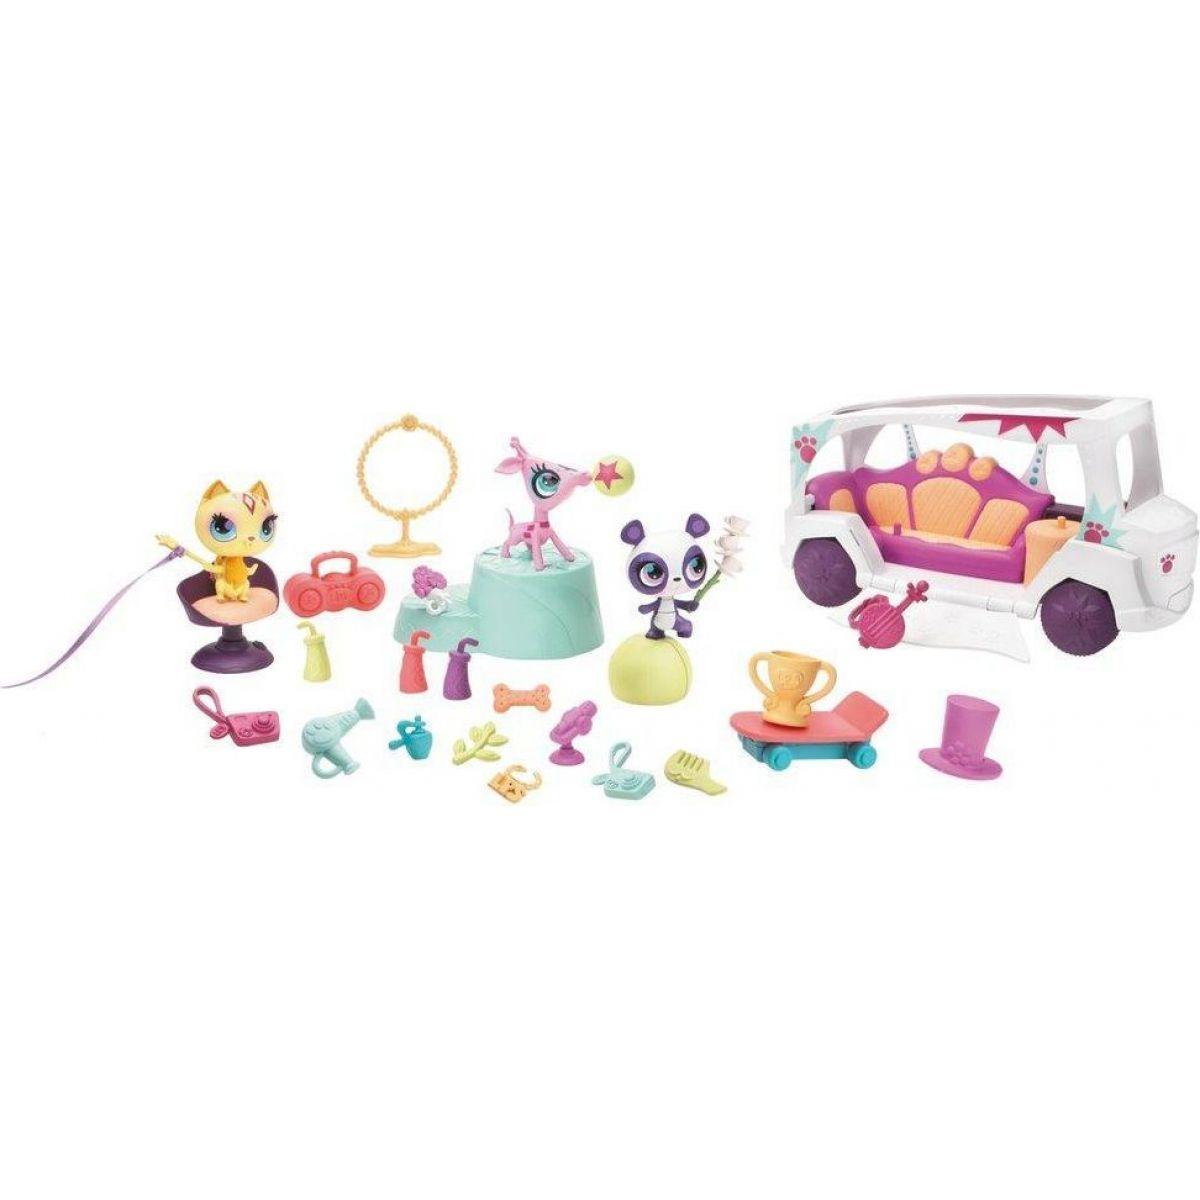 Littlest Pet Shop talentovaná zvířátka s limuzínou